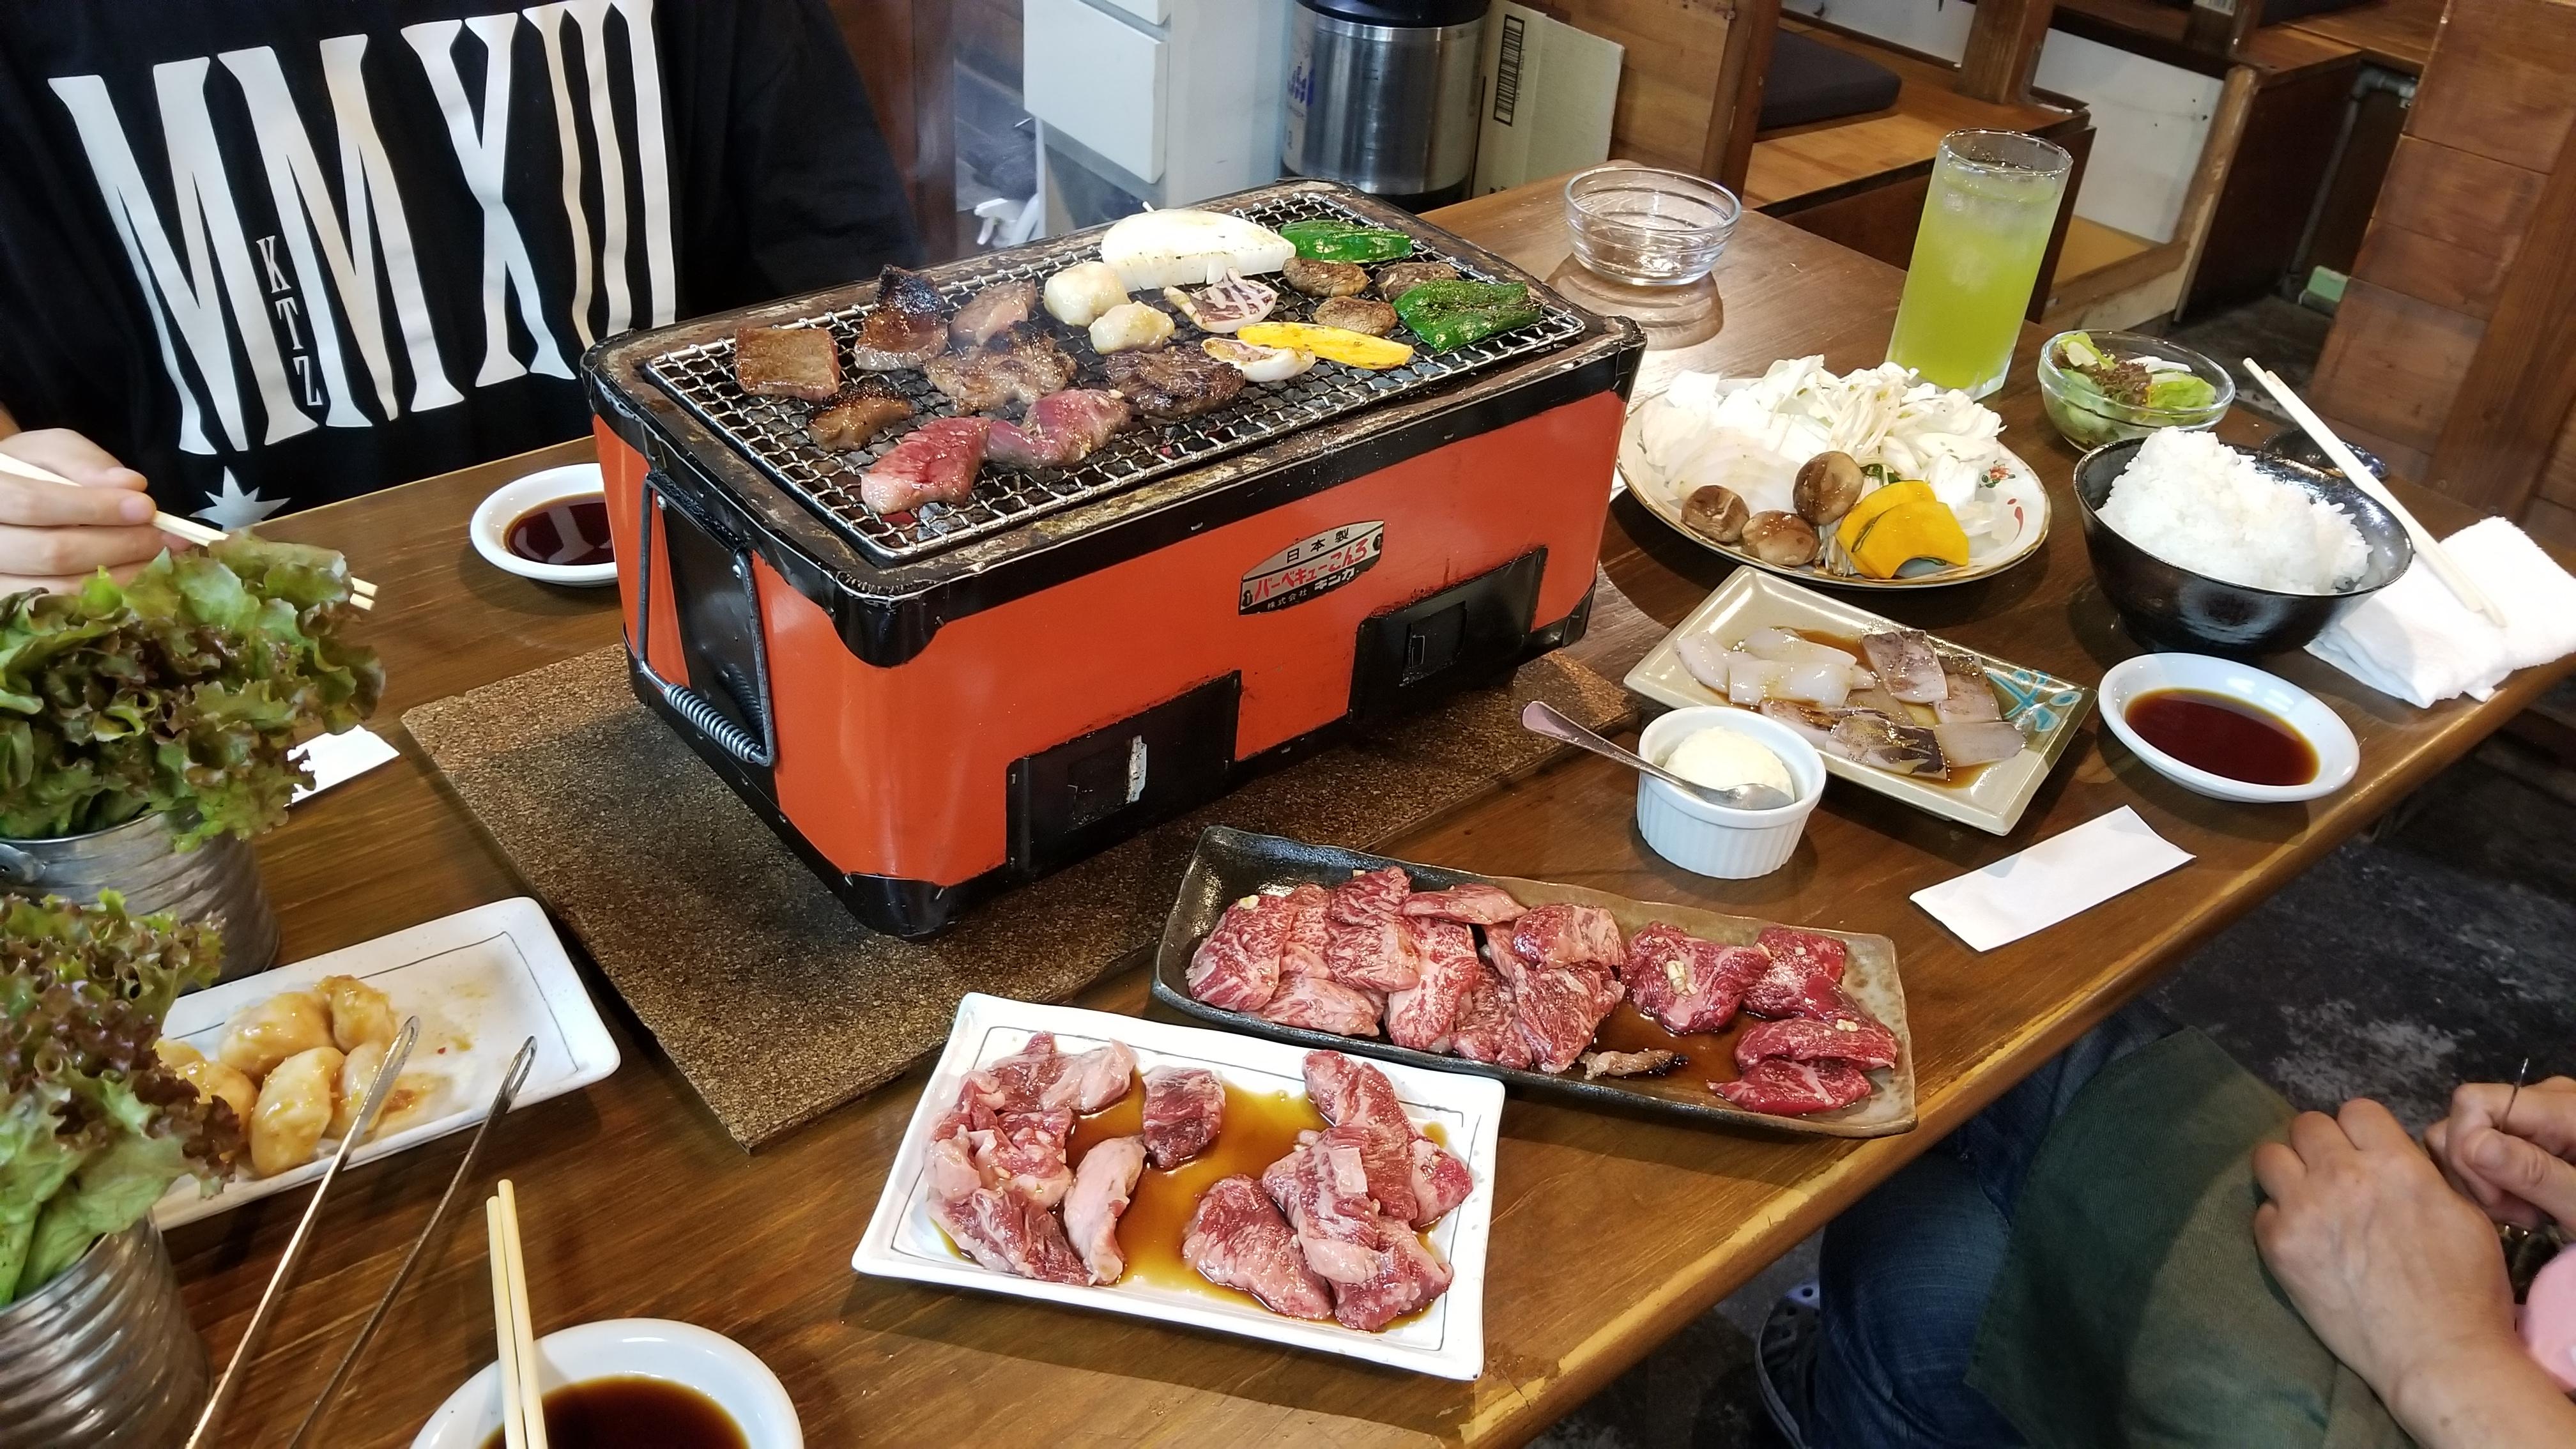 愛媛県松山市お気に入りおすすめ人気の焼肉屋店おいしい良いコスパ